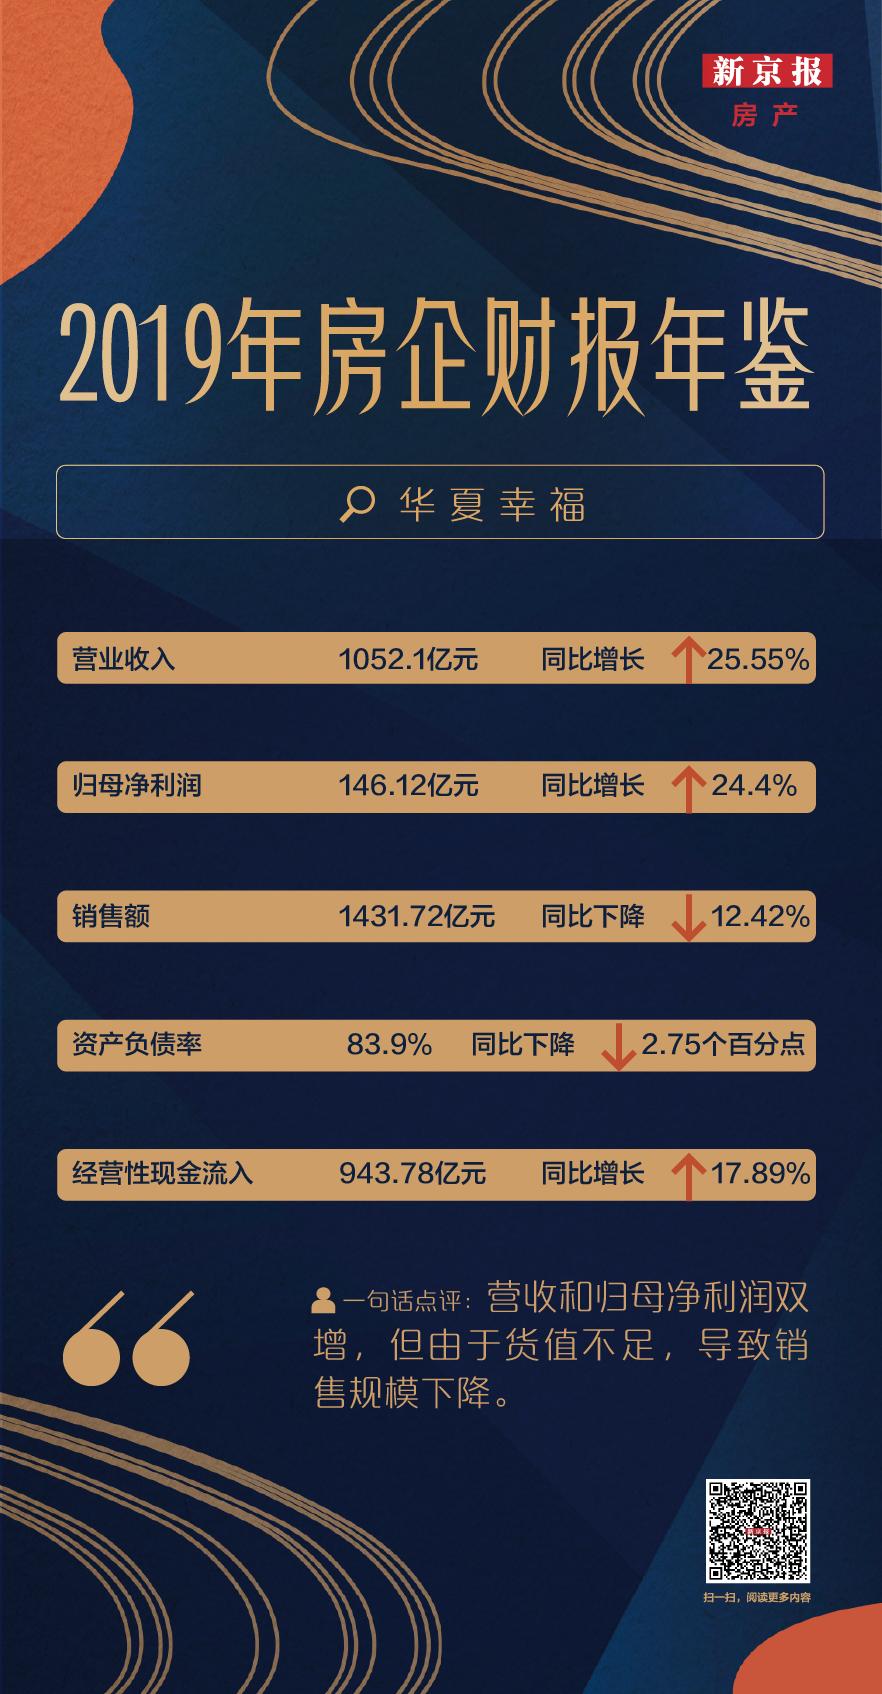 「杏悦开户」千杏悦开户亿非环京区域销售增长8成图片